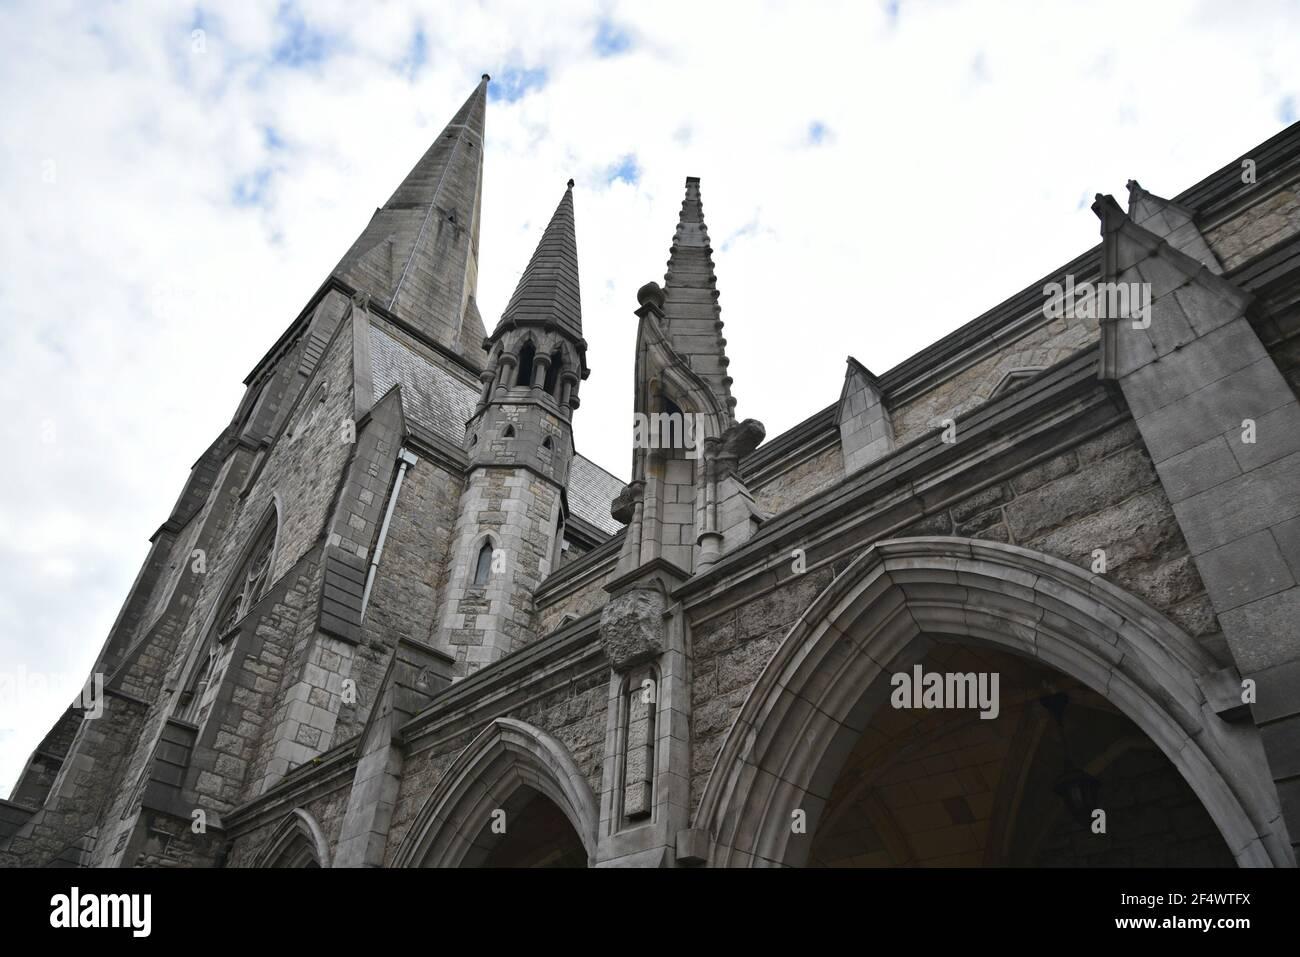 Antigua iglesia gótica fachada de piedra en Dublín, Irlanda. Foto de stock